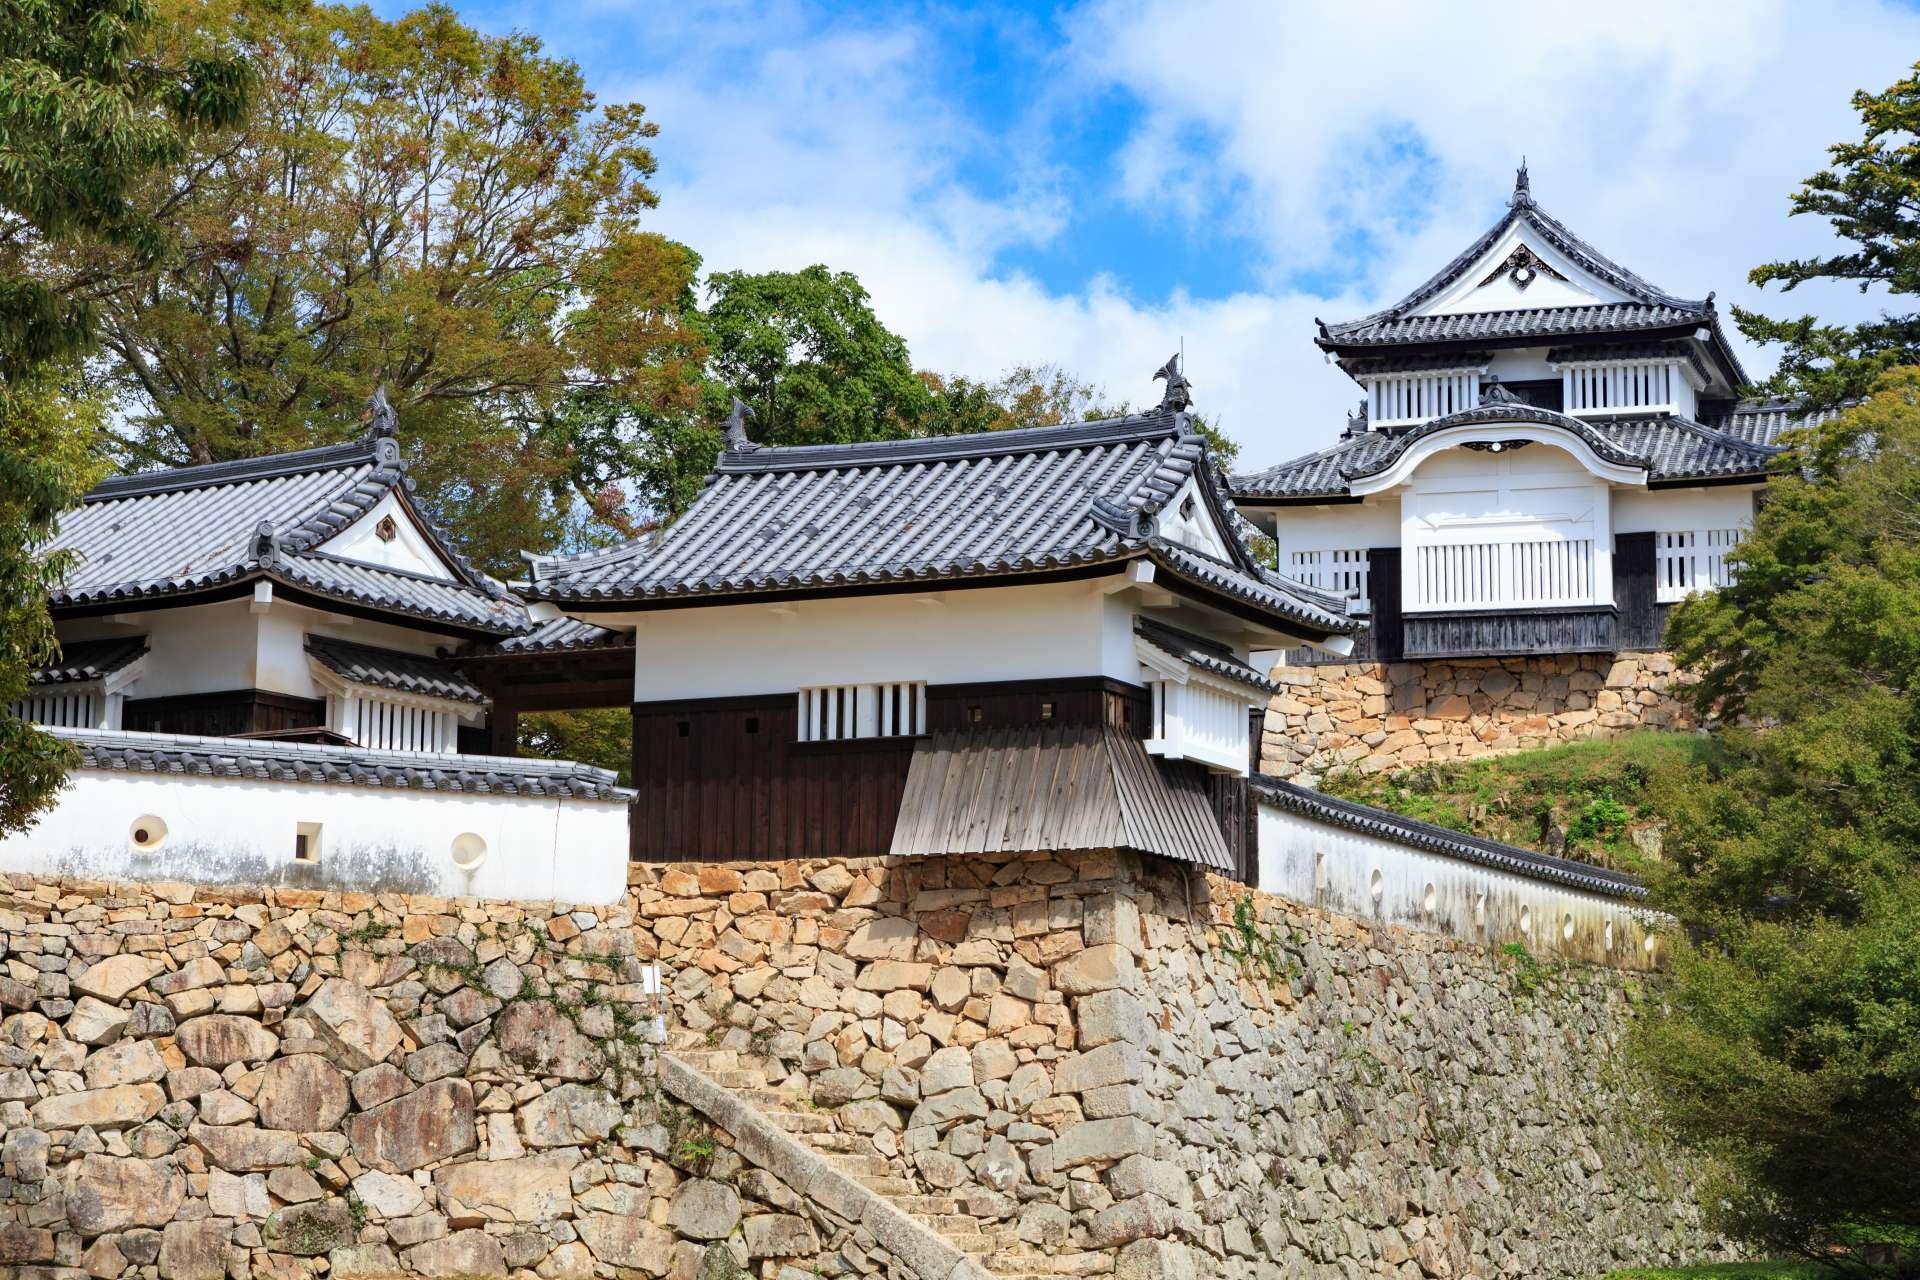 备中松山城(冈山县)、重要文化财